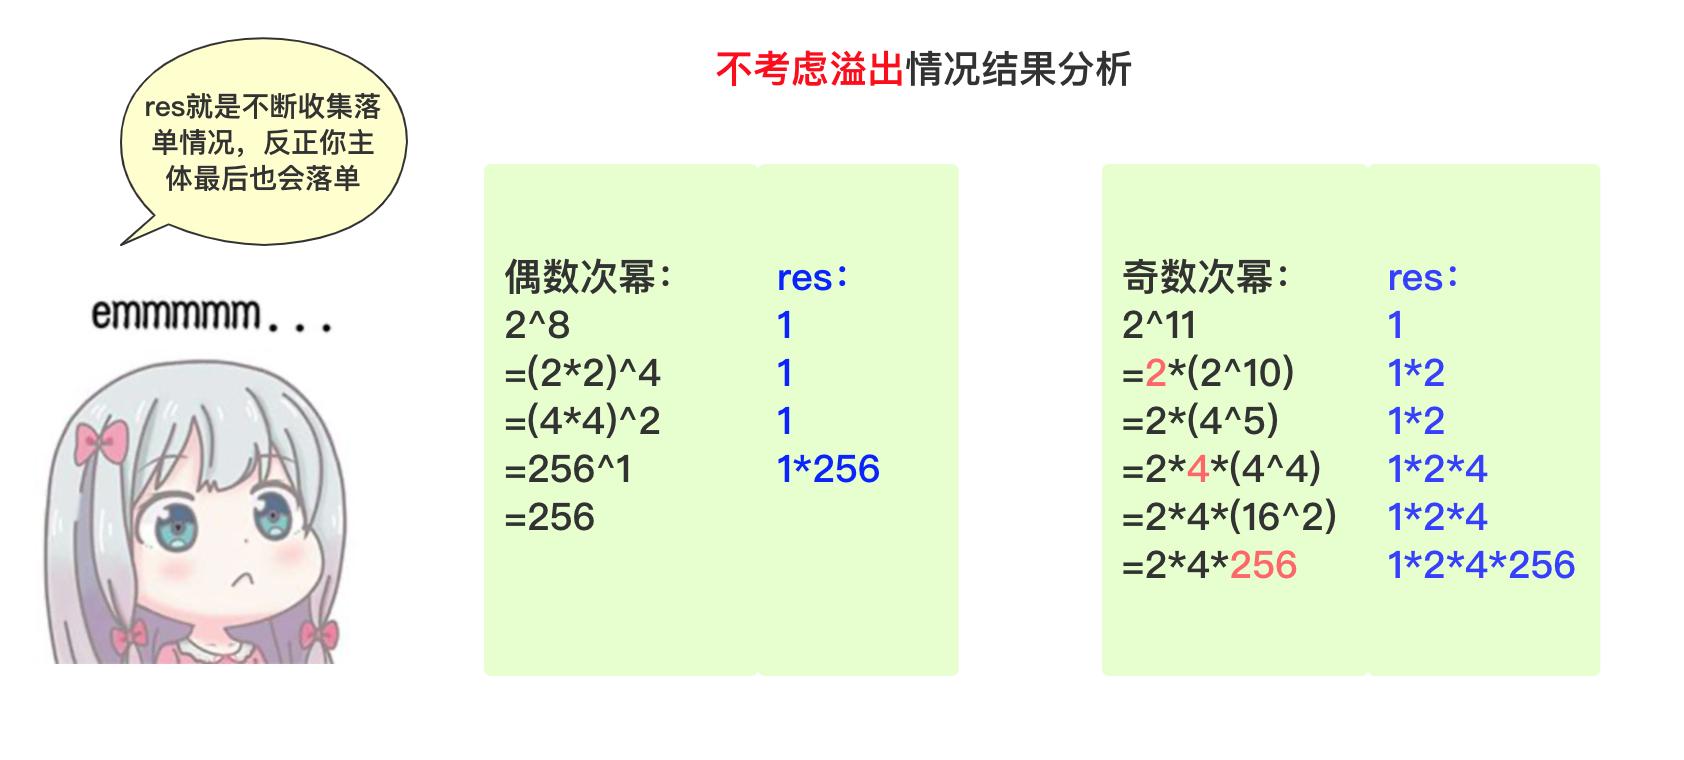 image-20201028192842778